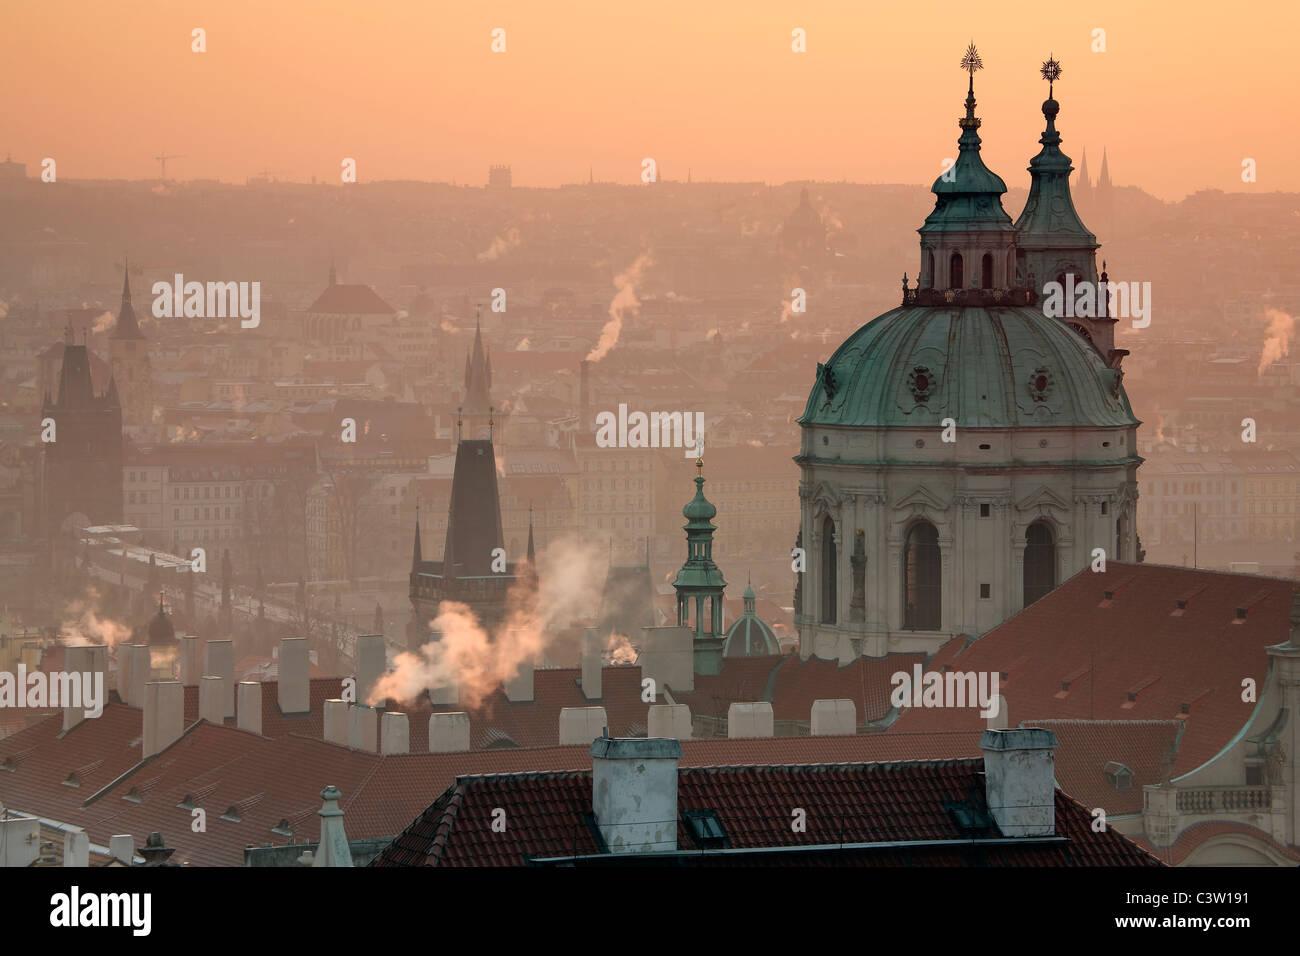 Sonnenaufgang über Prag mit der reich verzierten Kuppel der Kathedrale St. Nikolaus auf der Kleinseite Stockbild